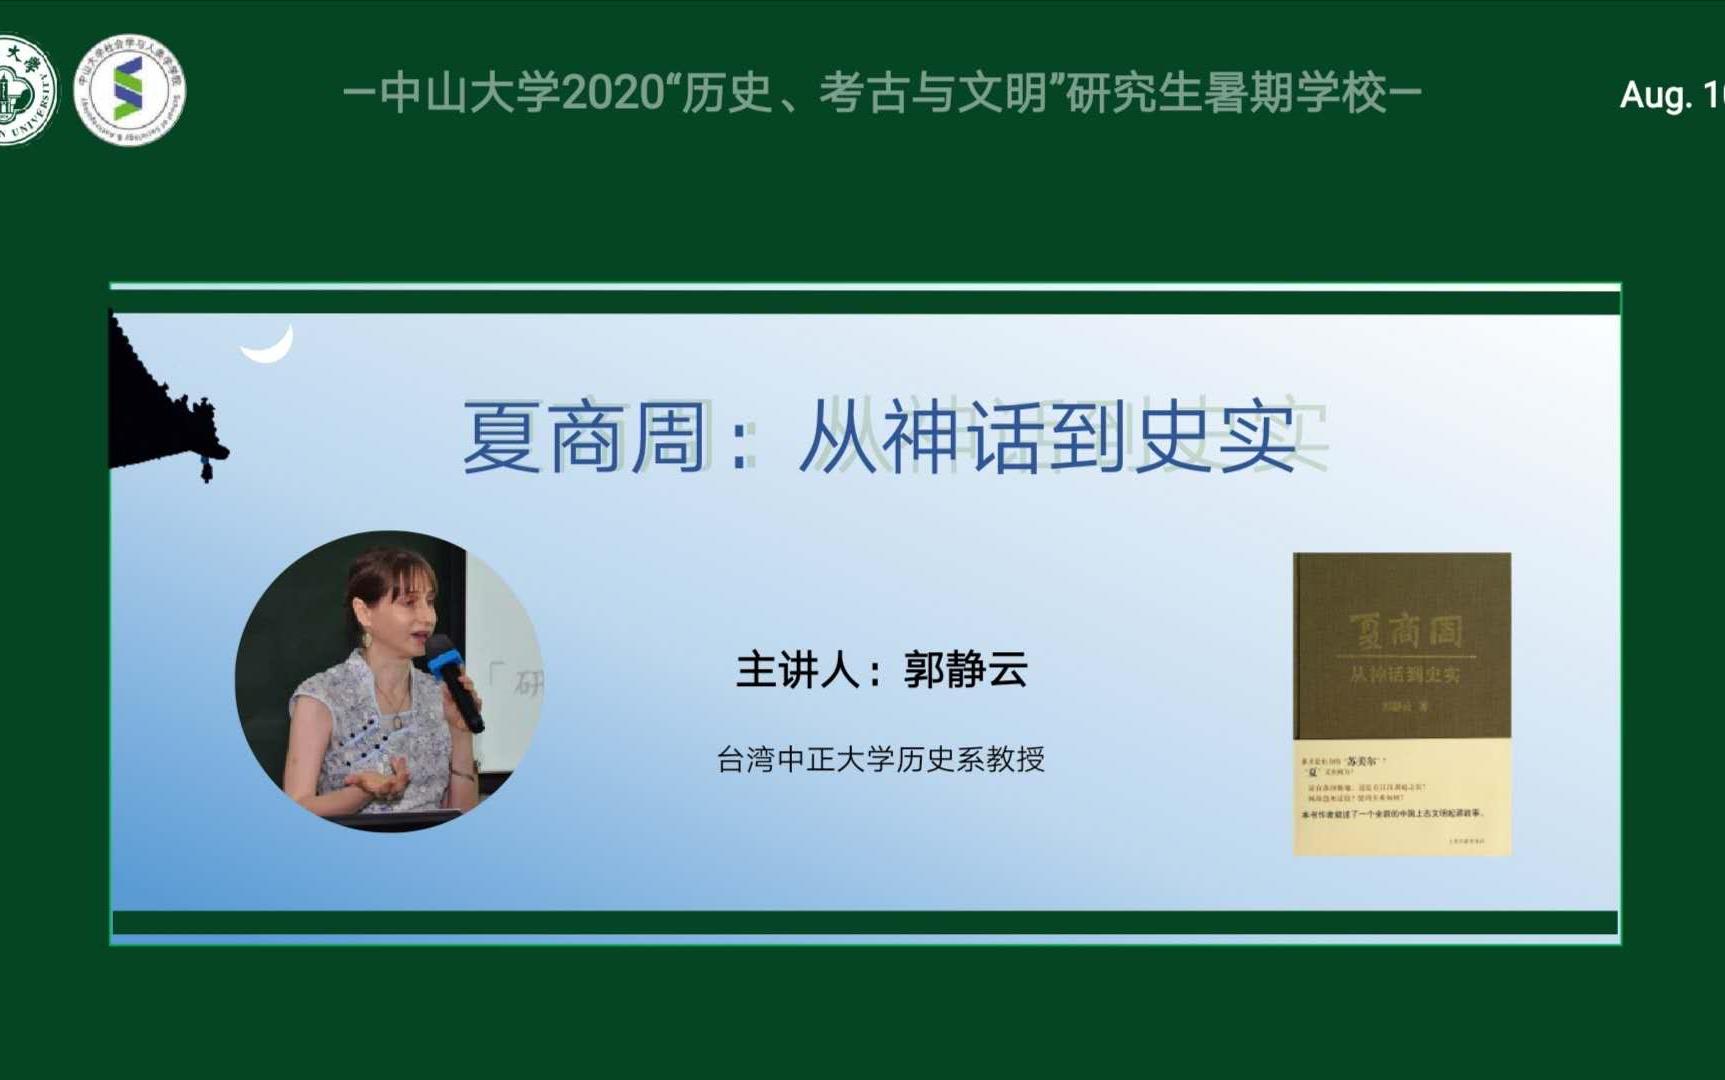 郭静云:夏商周——从神话到史实